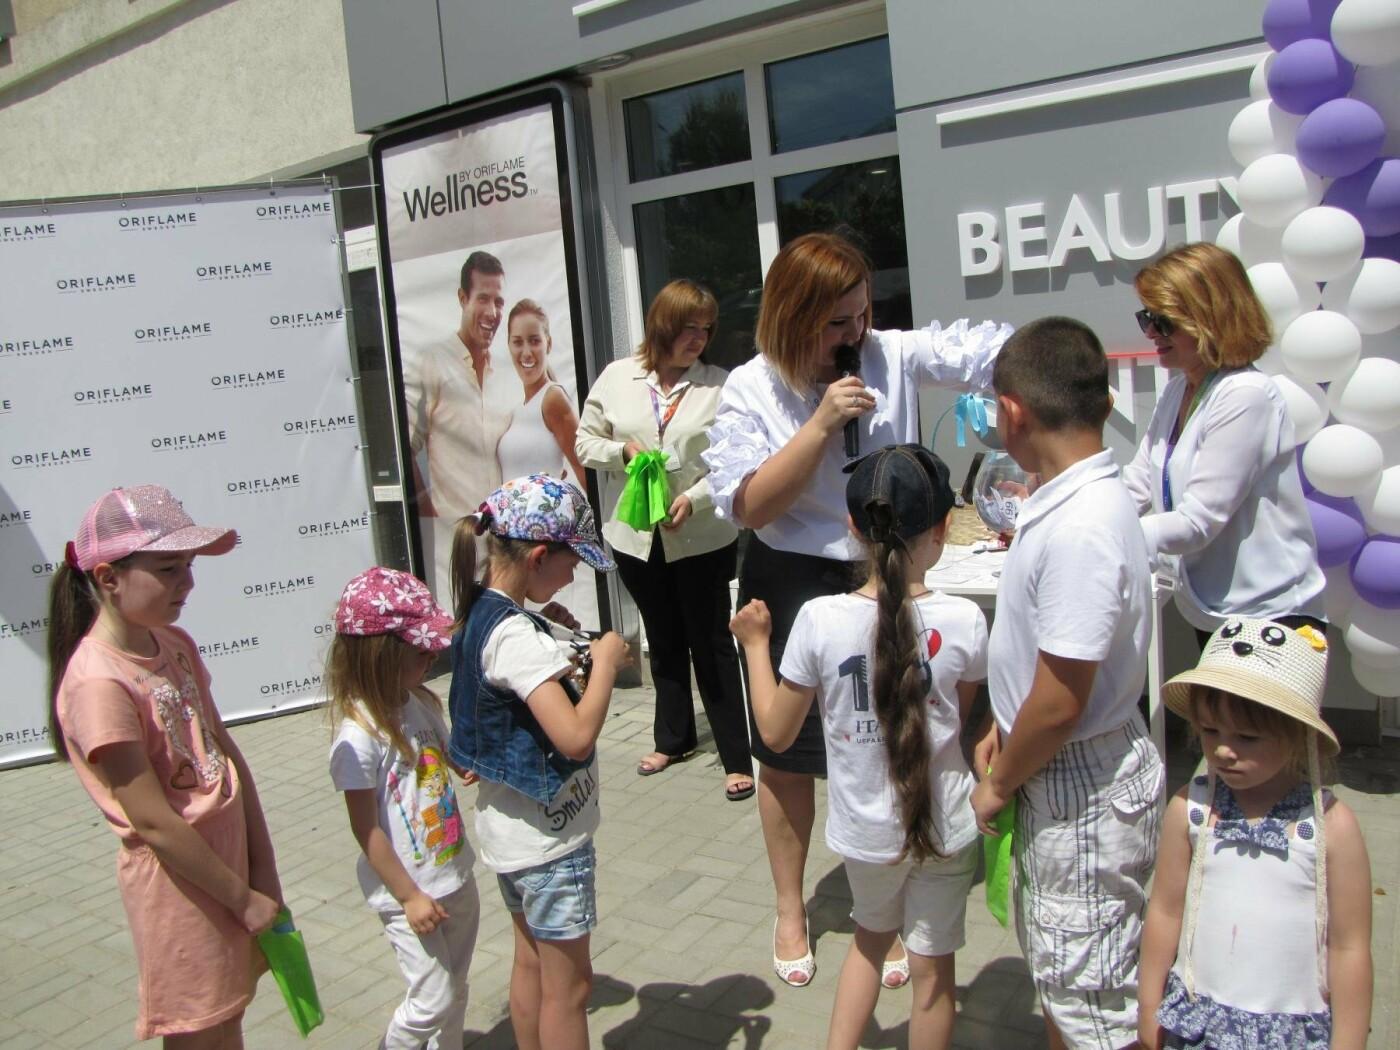 В Мелитополе появился шведский уголок красоты, фото-19